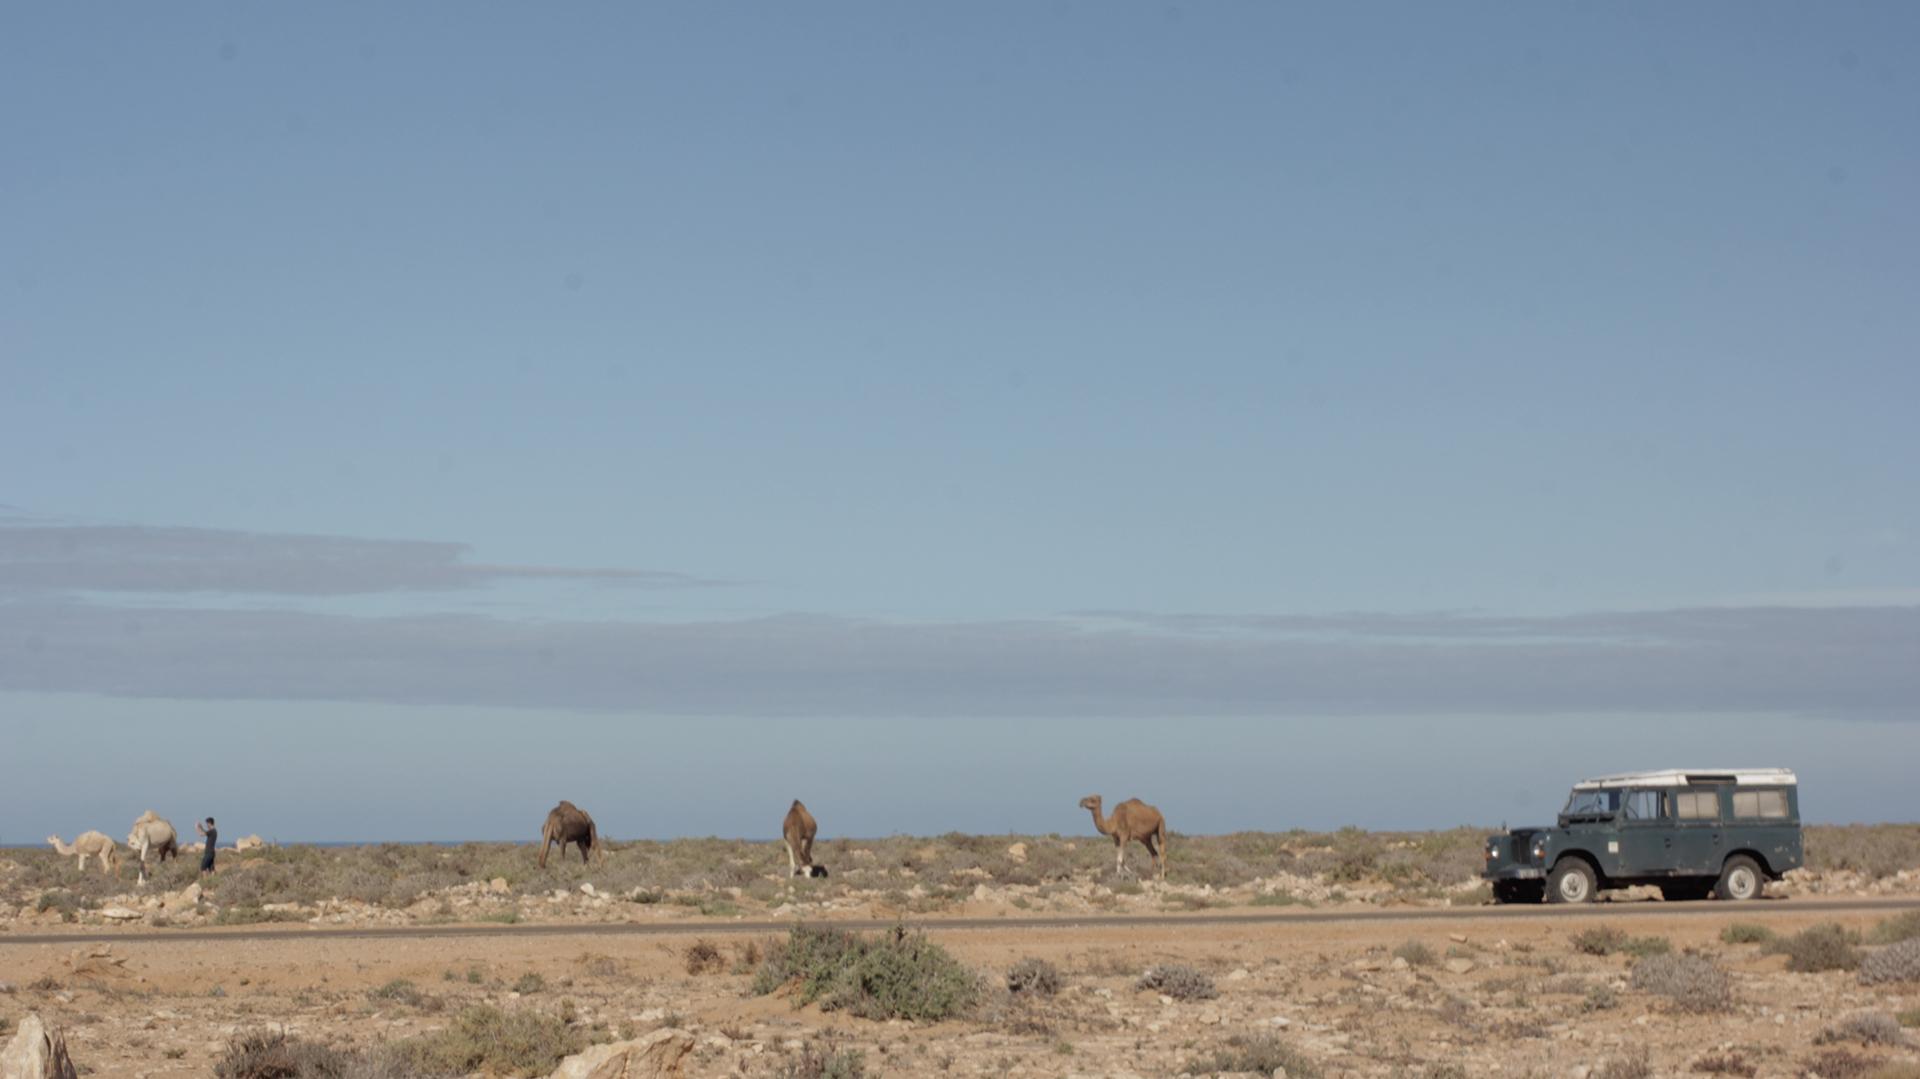 paisaje land rover marruecos pablocaminante - Marruecos 2/3, Sahara Occidental